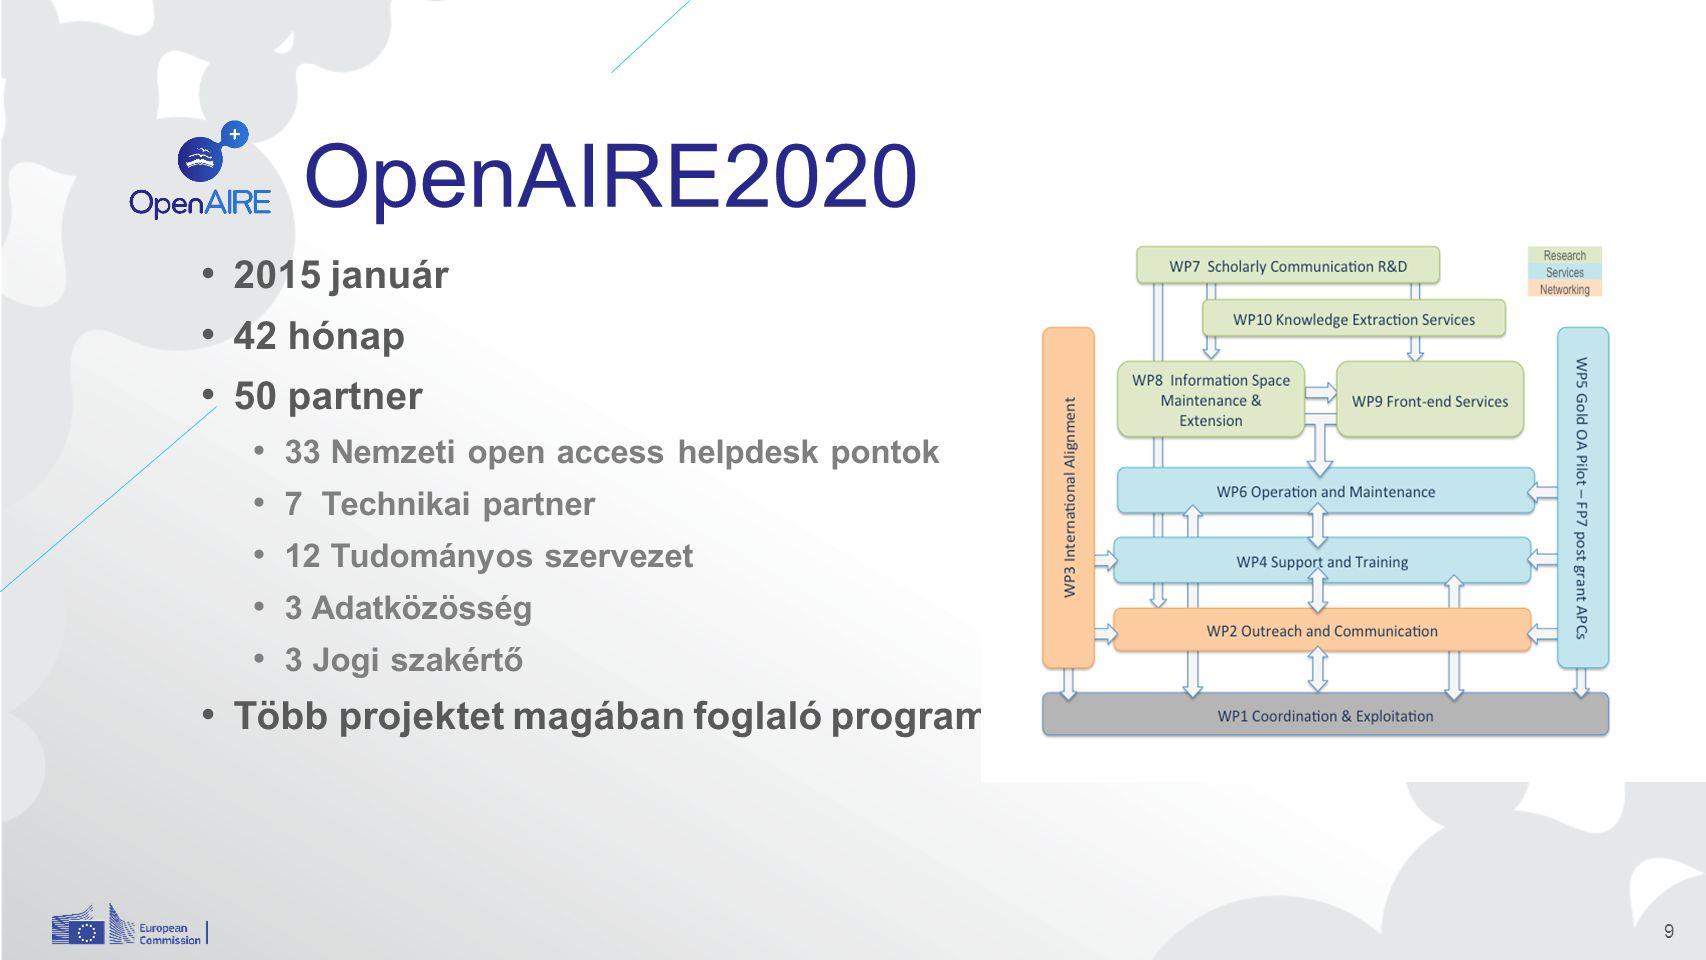 OpenAIRE2020 2015 január 42 hónap 50 partner 33 Nemzeti open access helpdesk pontok 7 Technikai partner 12 Tudományos szervezet 3 Adatközösség 3 Jogi szakértő Több projektet magában foglaló program 9